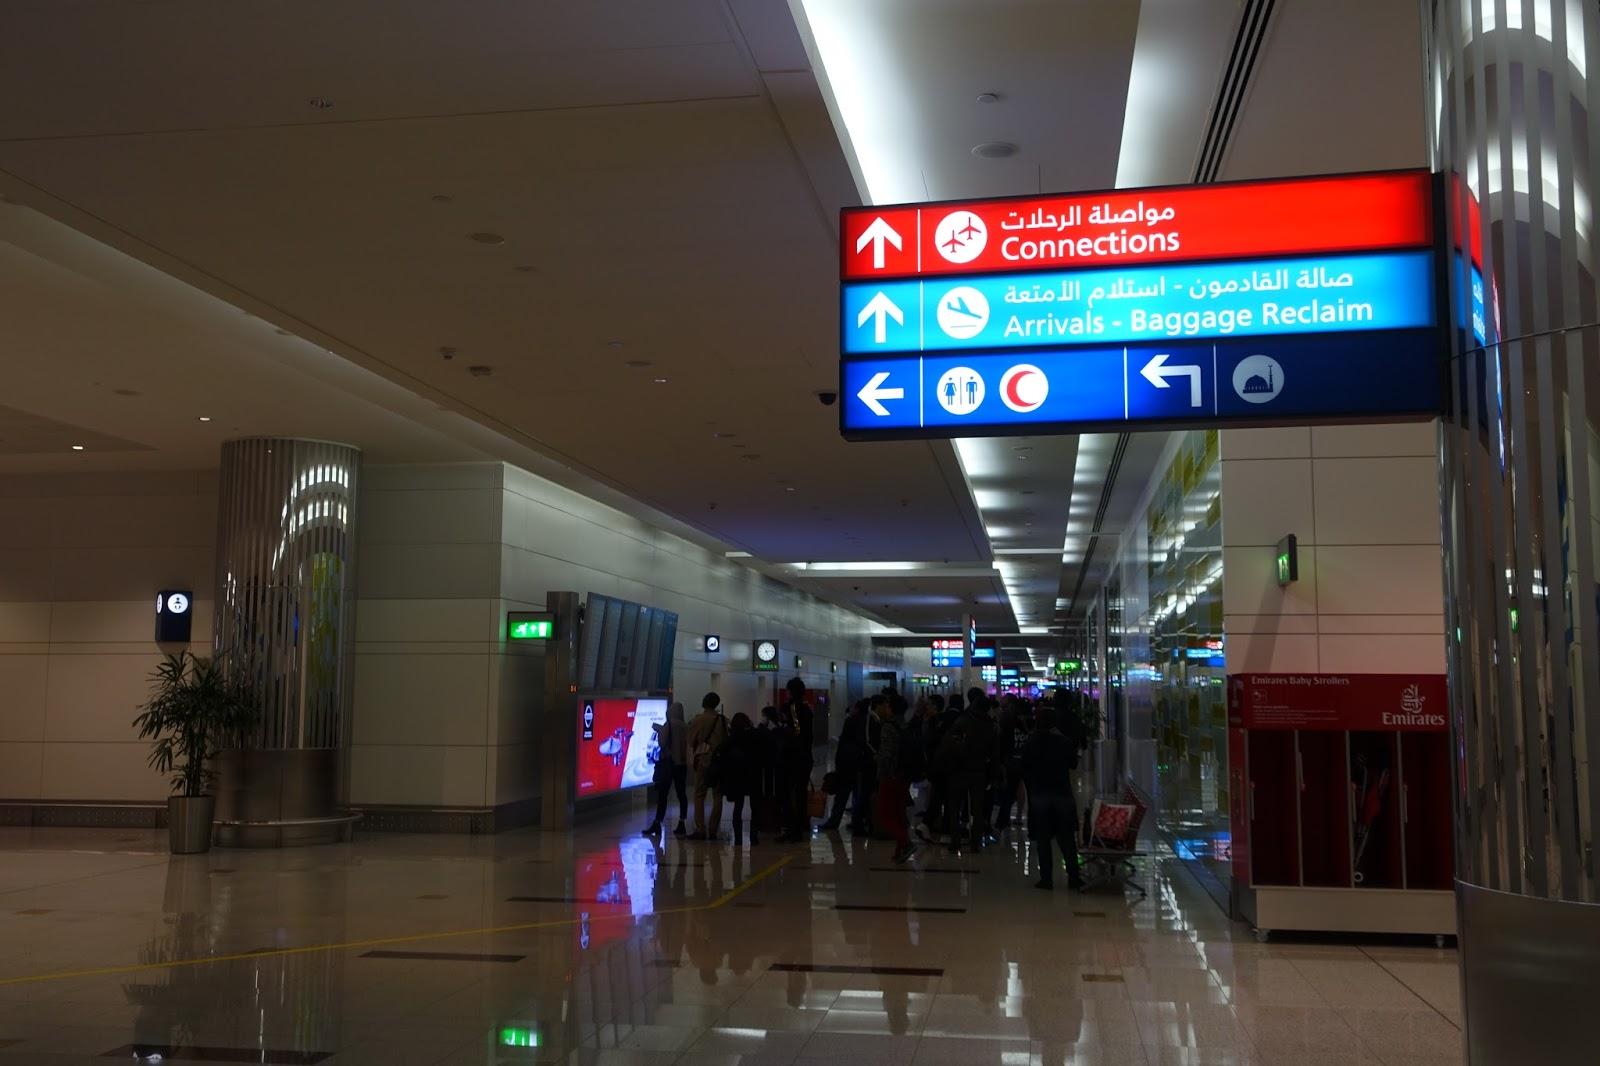 ドバイ国際空港のエミレーツ専用 ターミナル3での乗り継ぎ